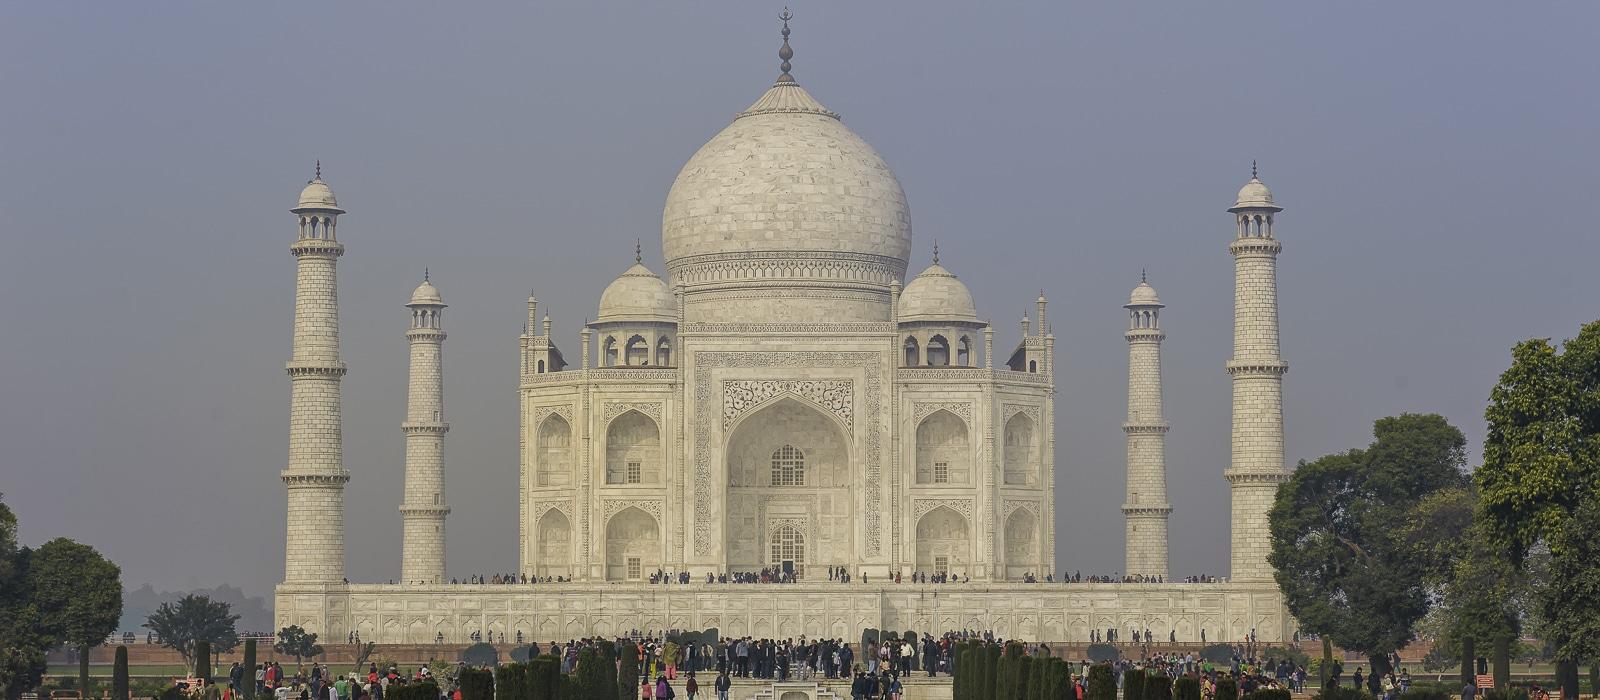 img-diapo-entete - Inde-nord-1600x700-15.jpg